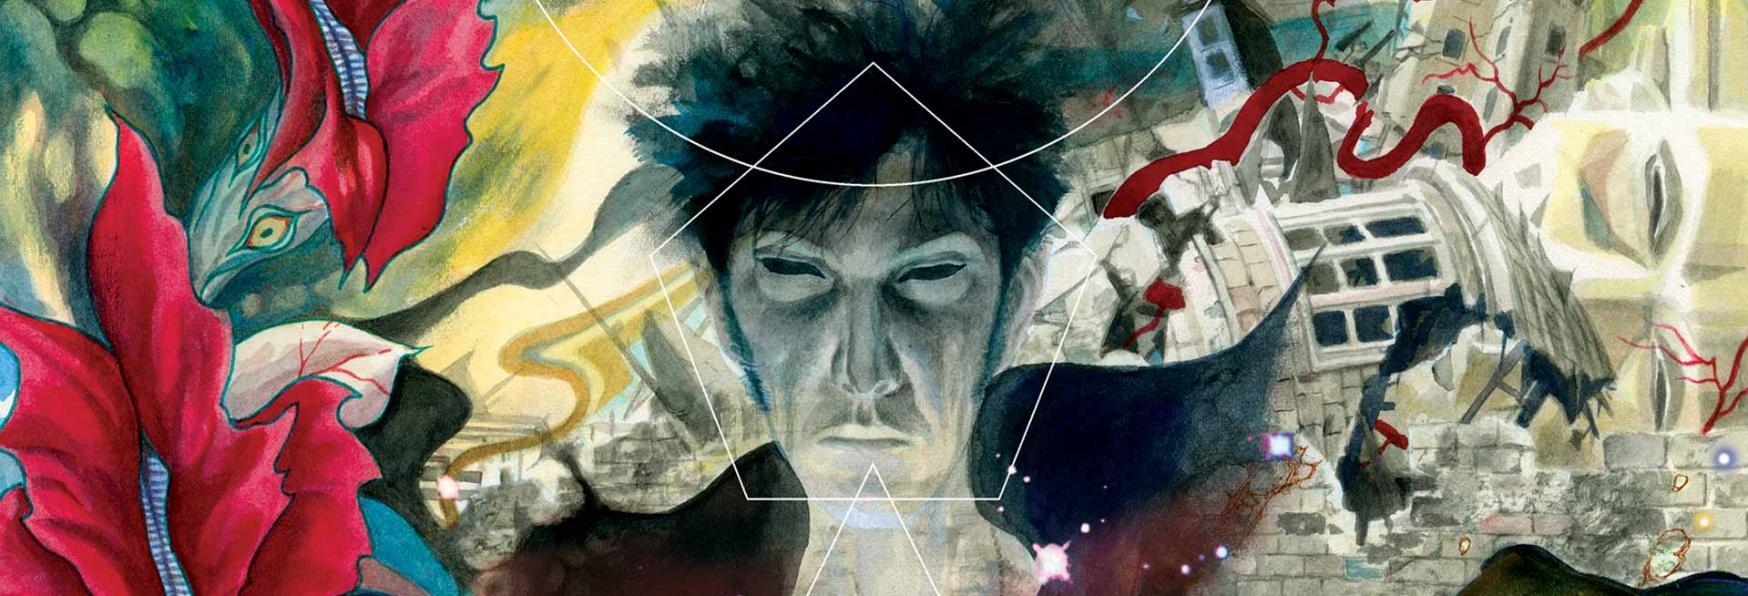 The Sandman: Neil Gaiman conferma la Fine delle Riprese della nuova Serie TV targata Netflix